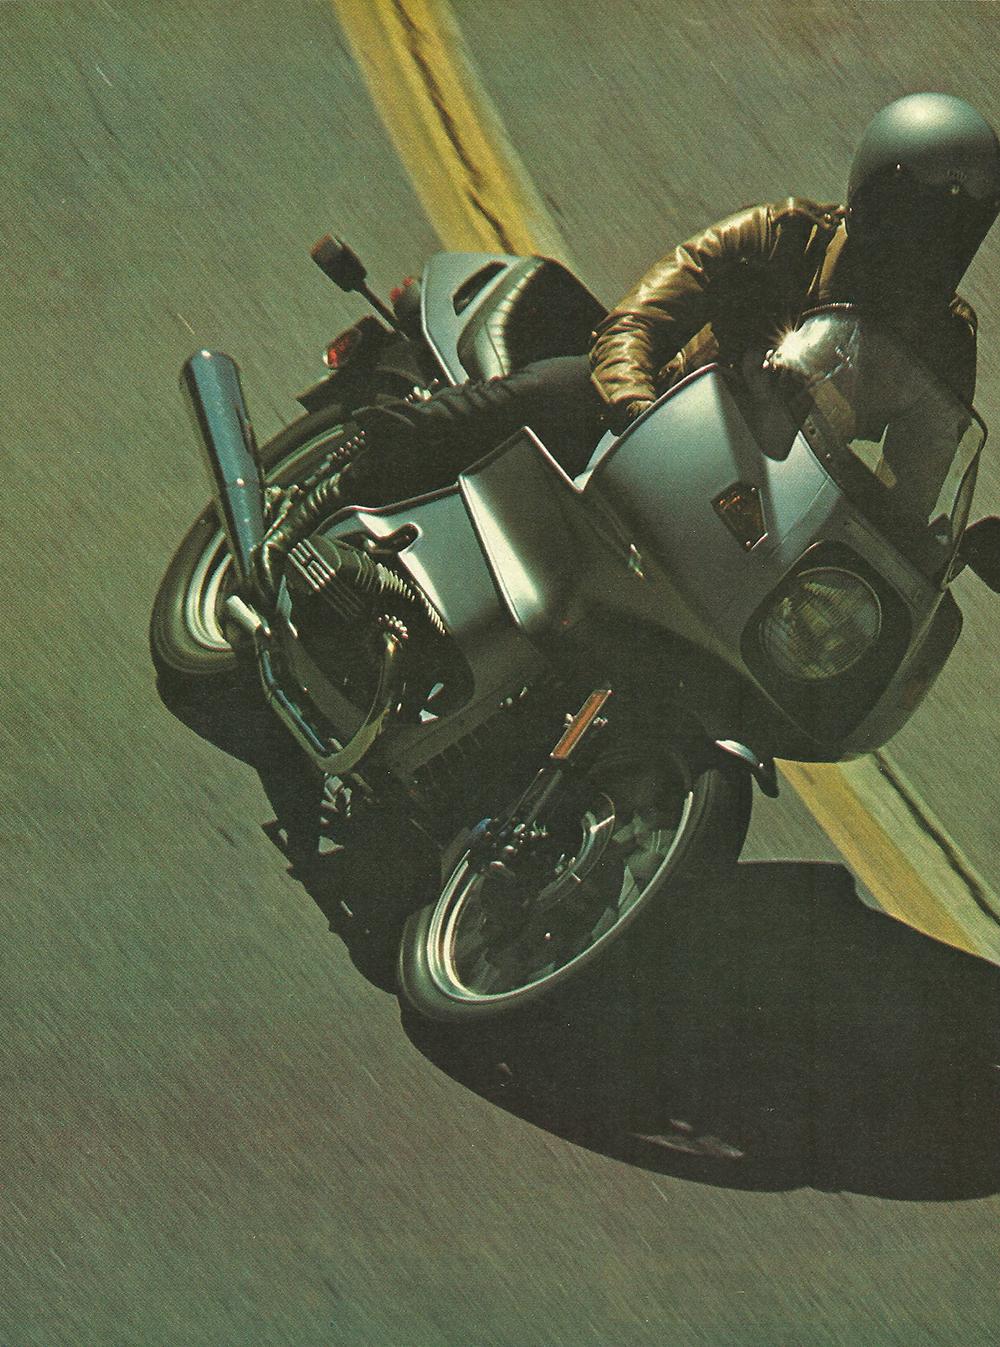 1976 BMW R100RS road test 01.jpg